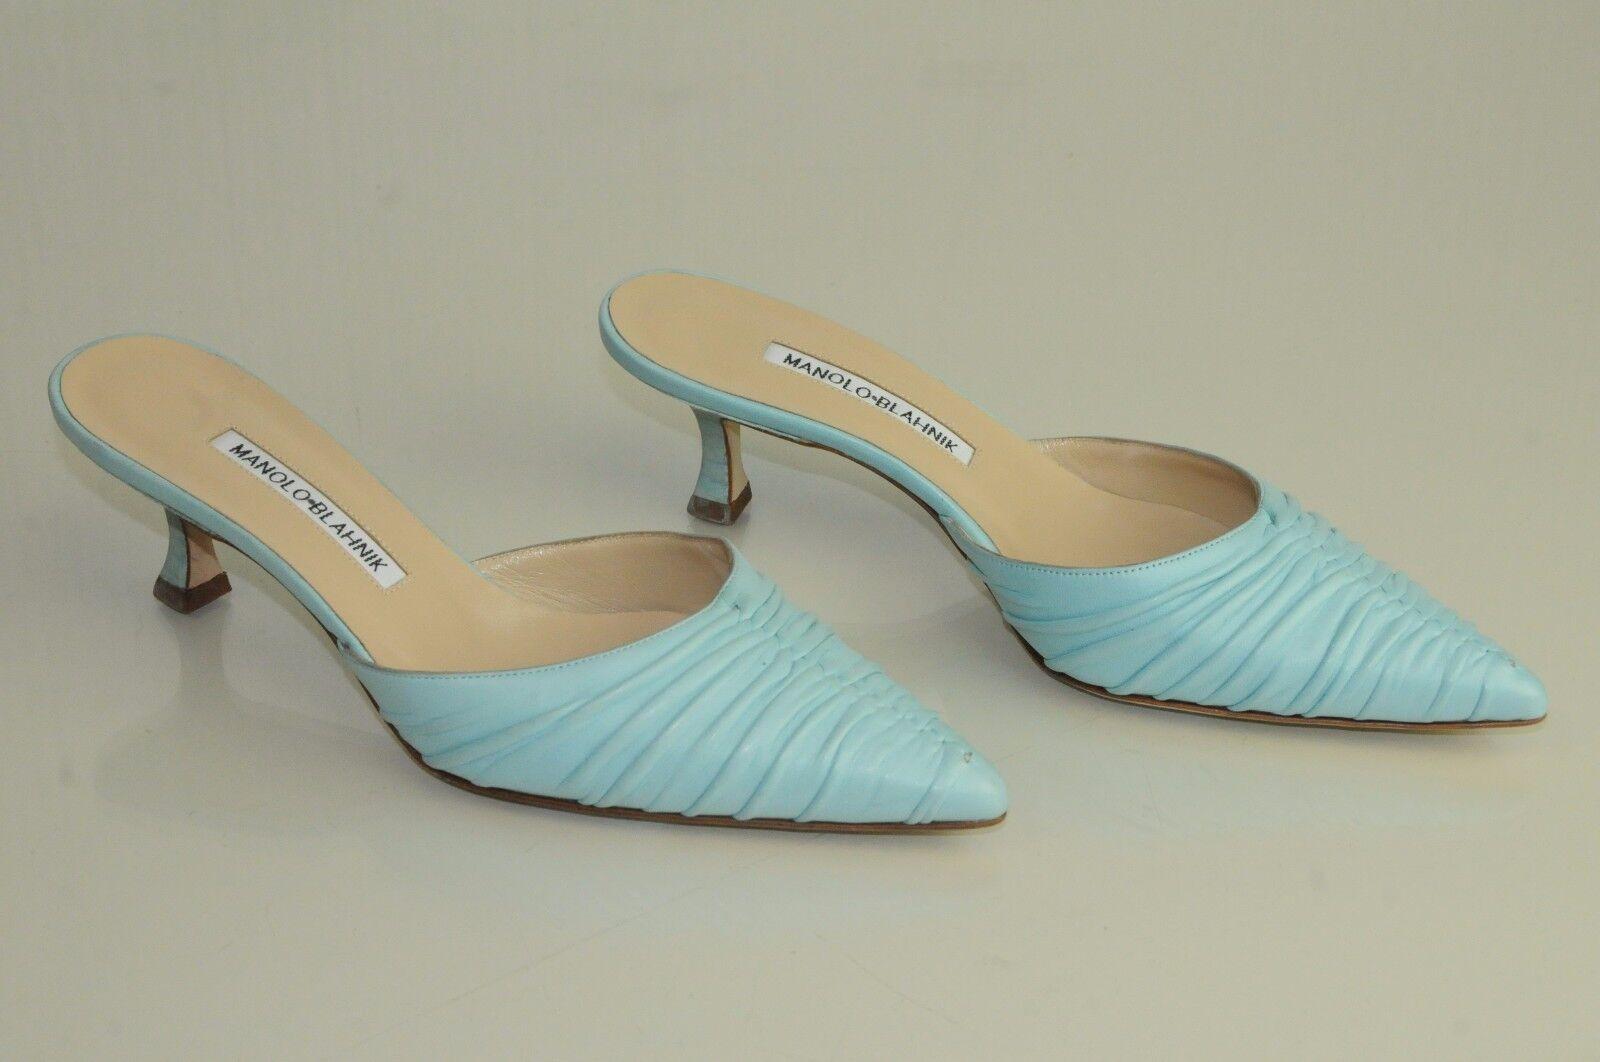 825 NEW MANOLO BLAHNIK lambskin Leather Azure bluee Mules Kitten Heels SHOES 37